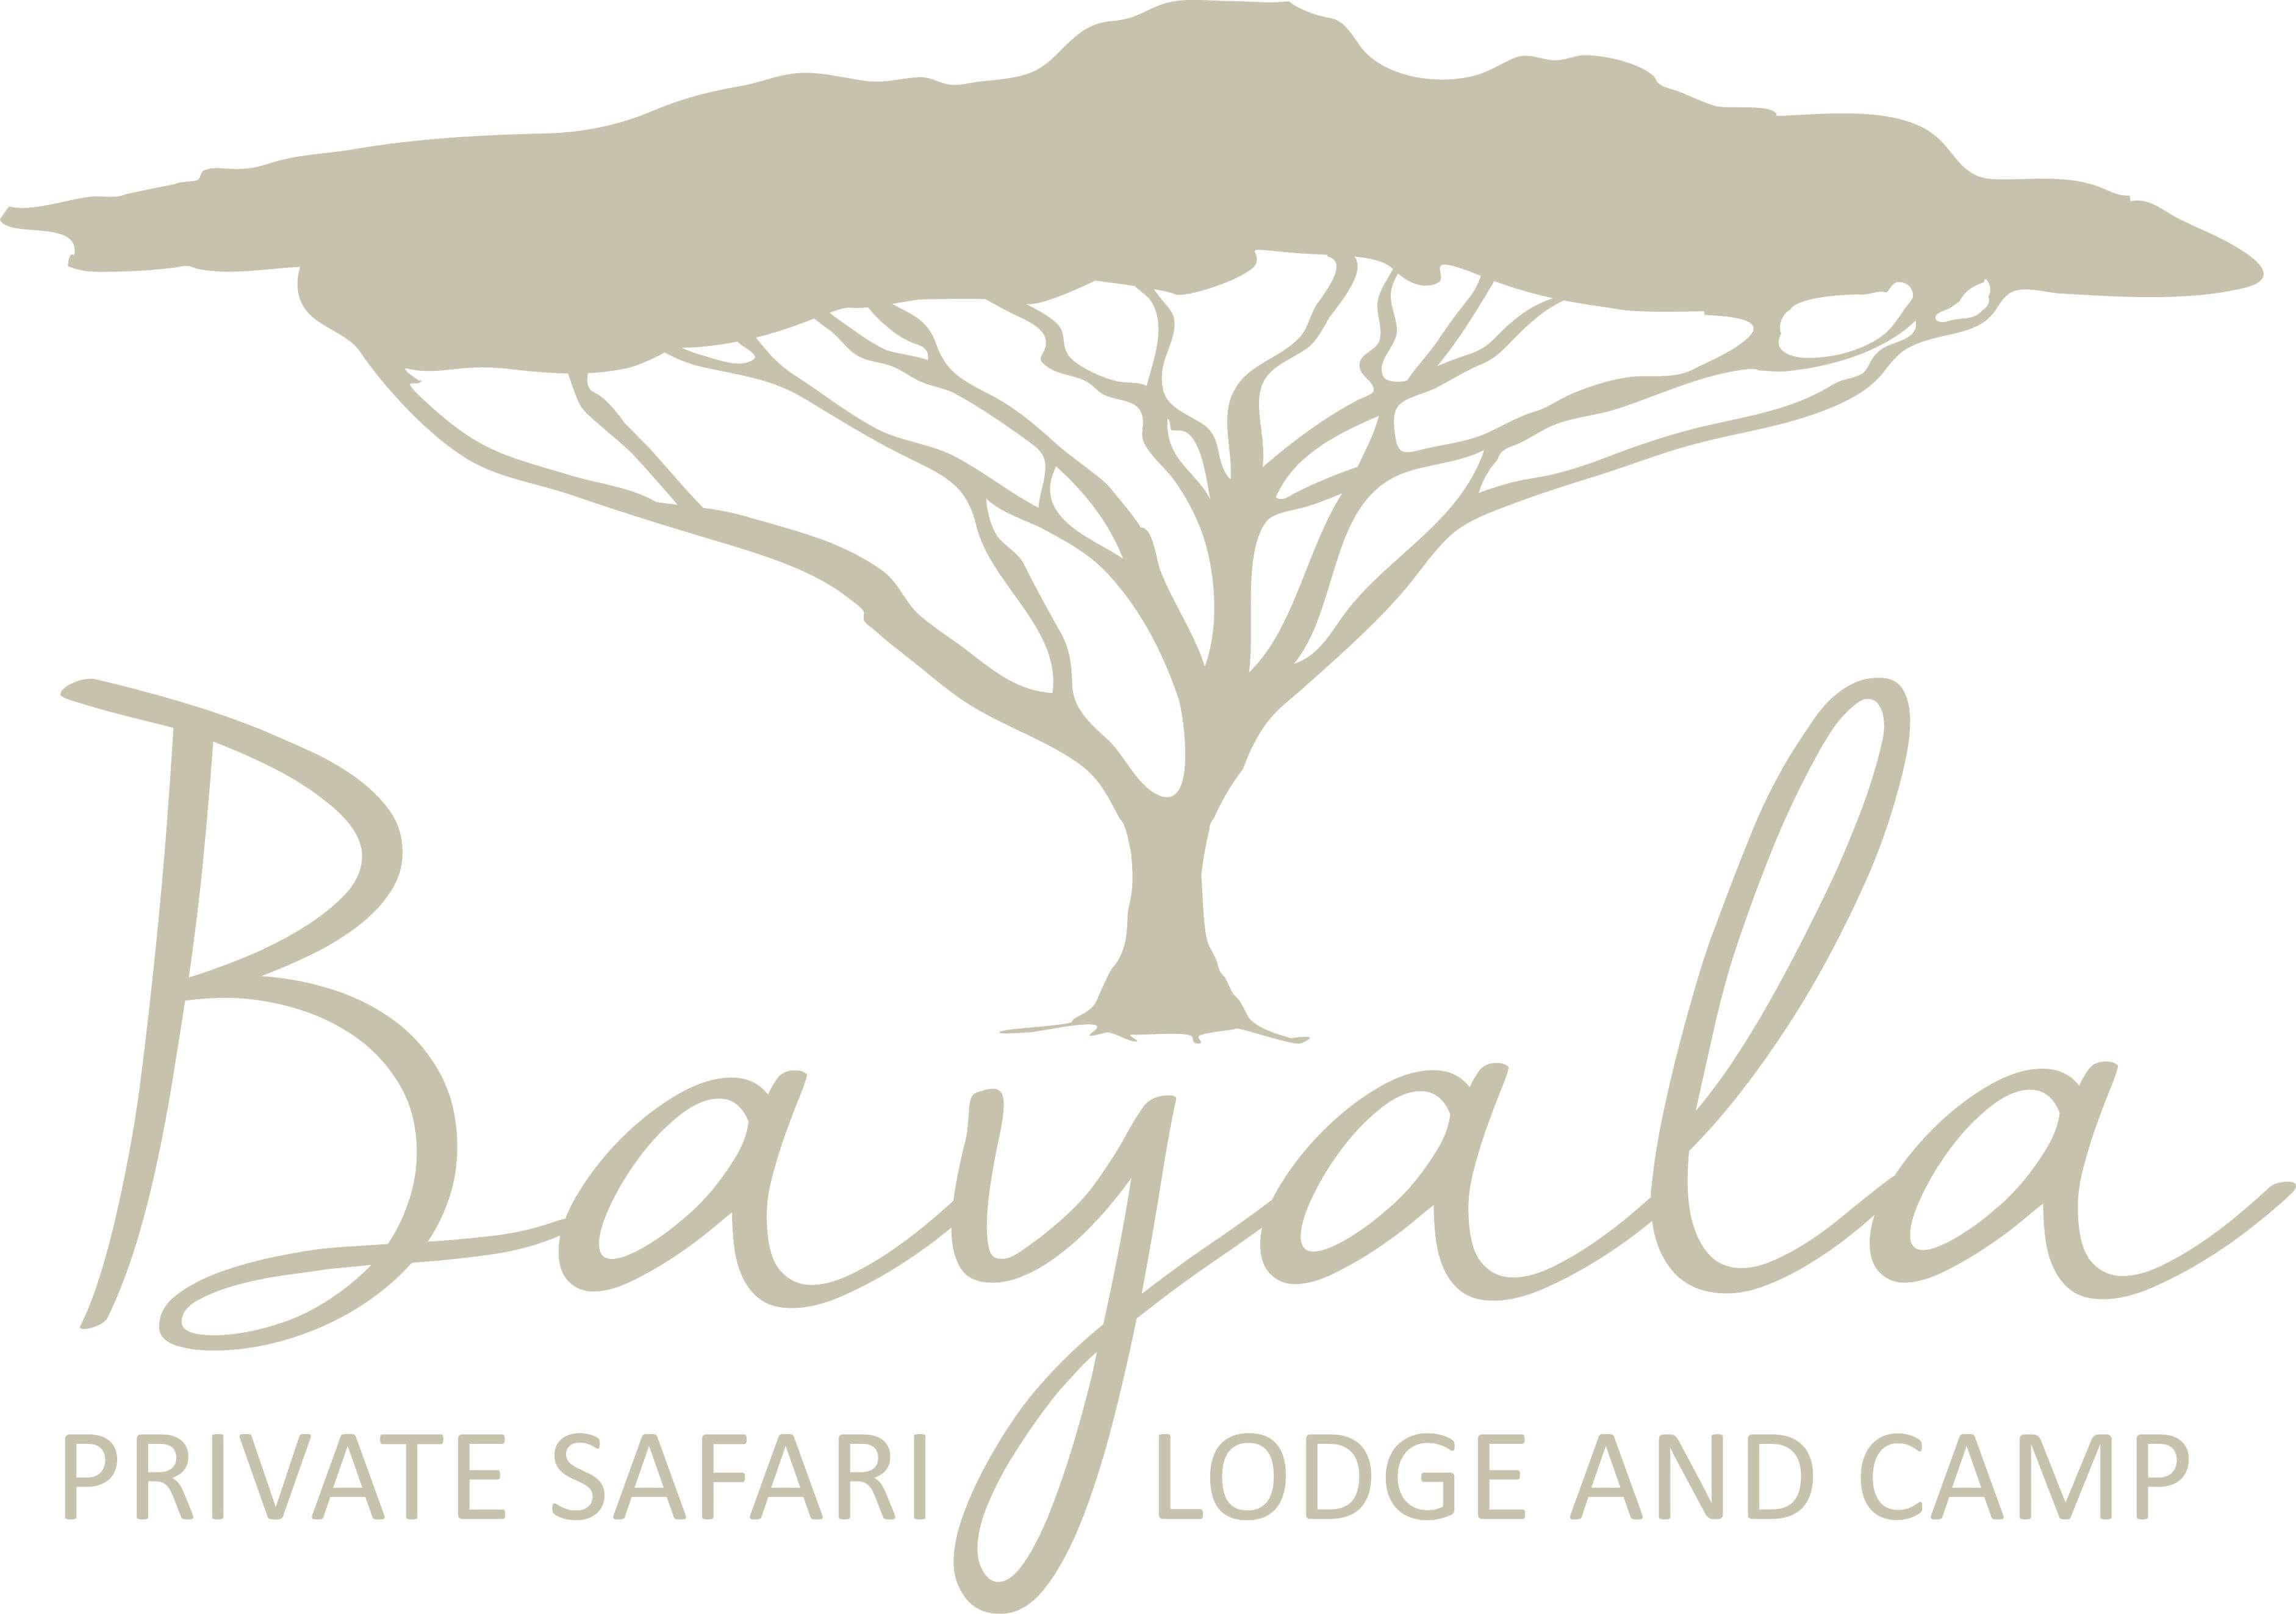 Bayala Safari Lodge and Camp